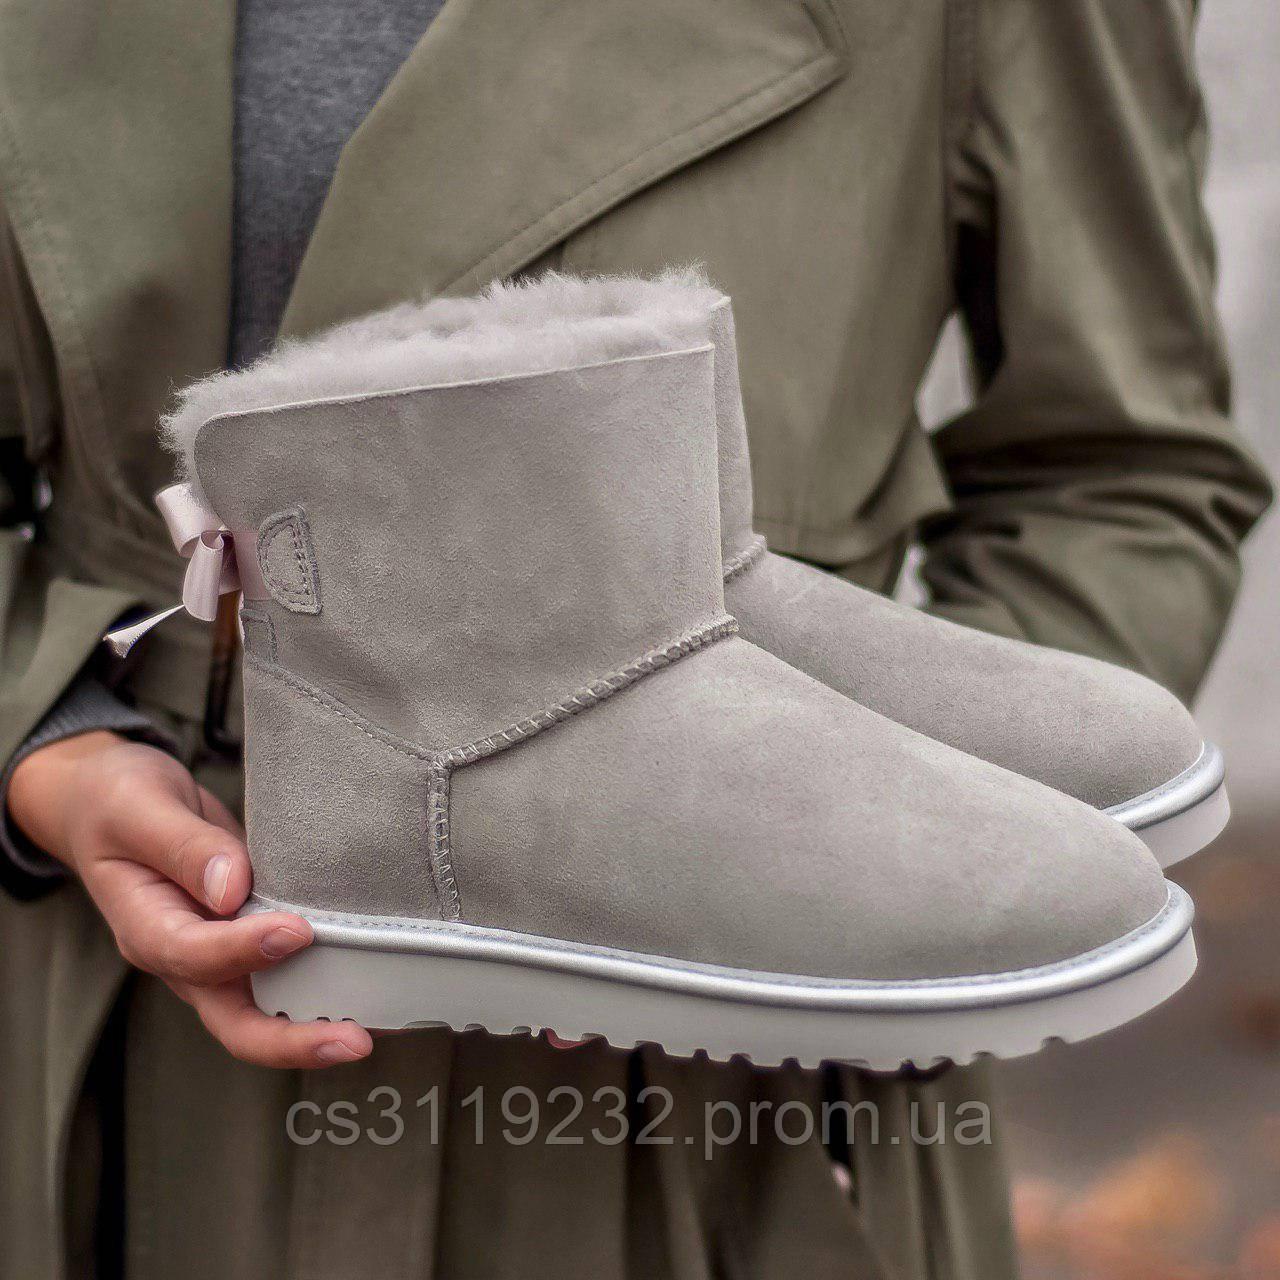 Жіночі чоботи зимові UGG Classic Mini (сірий)